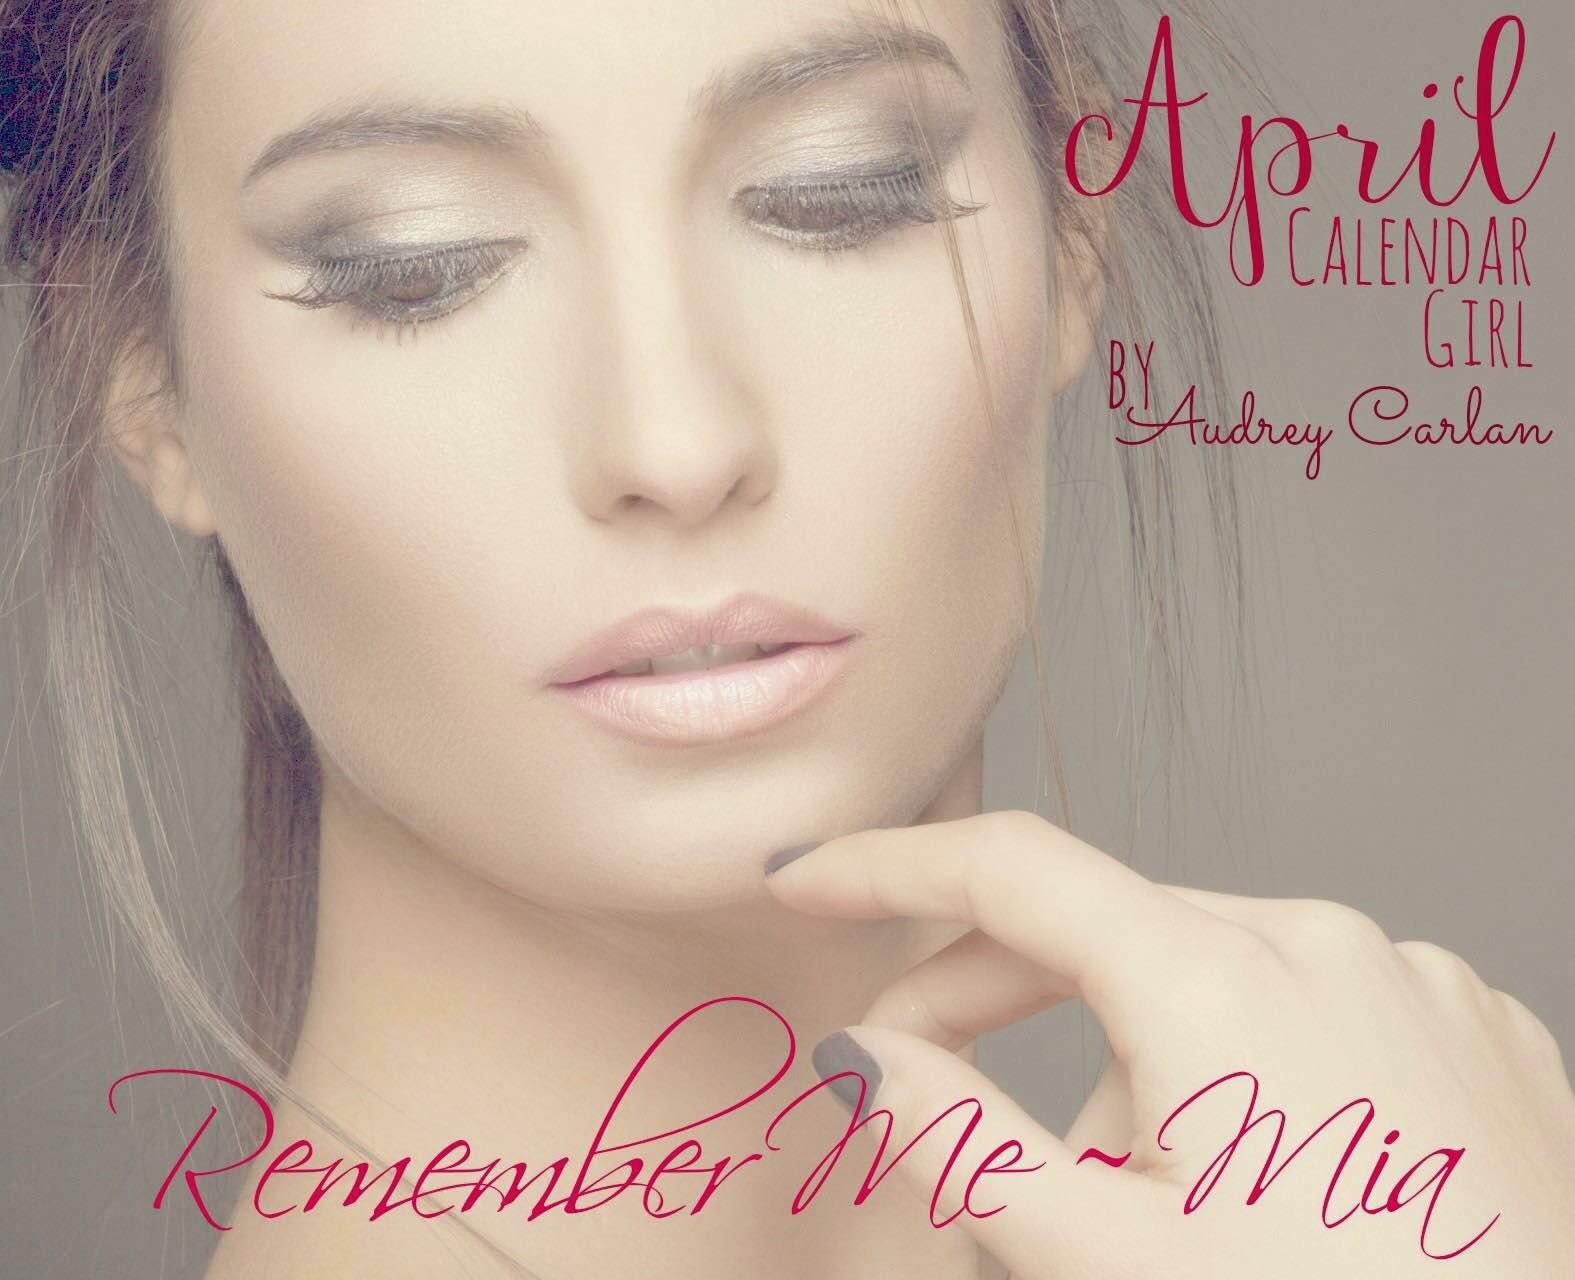 Calendar Girl April Tuebl : April calendar girl by audrey carlan review giveaway